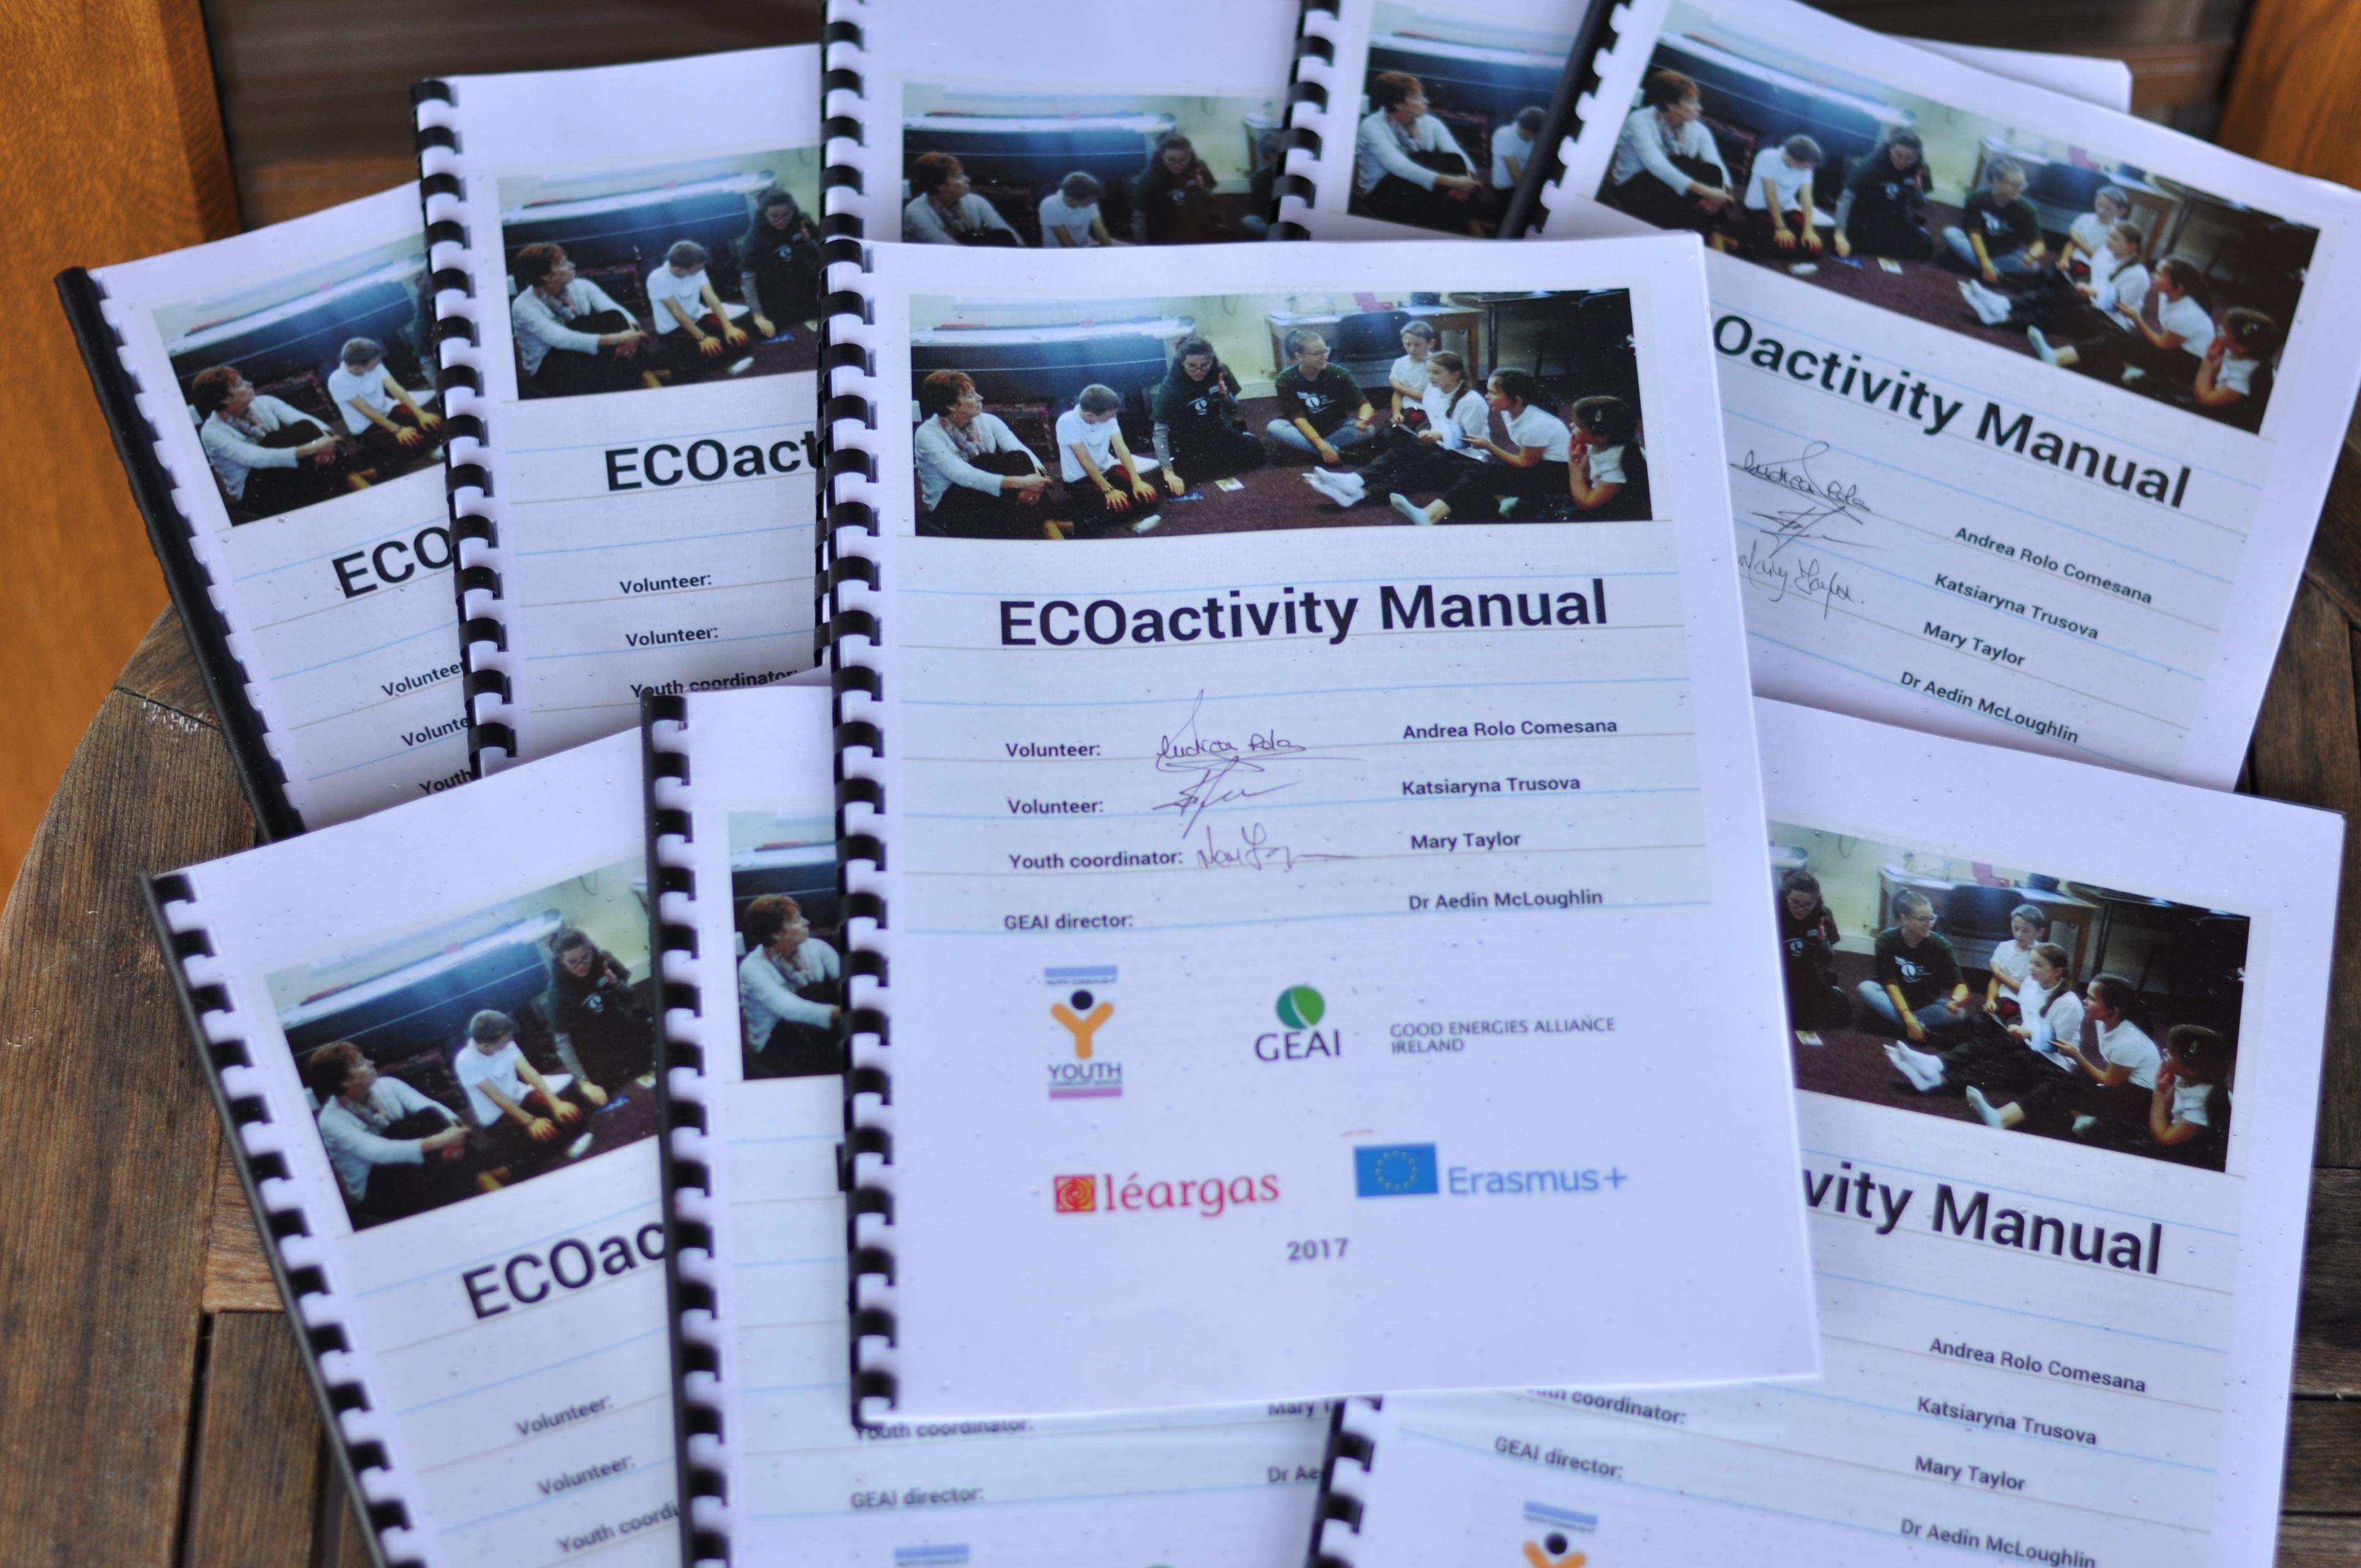 ecoactivity manual